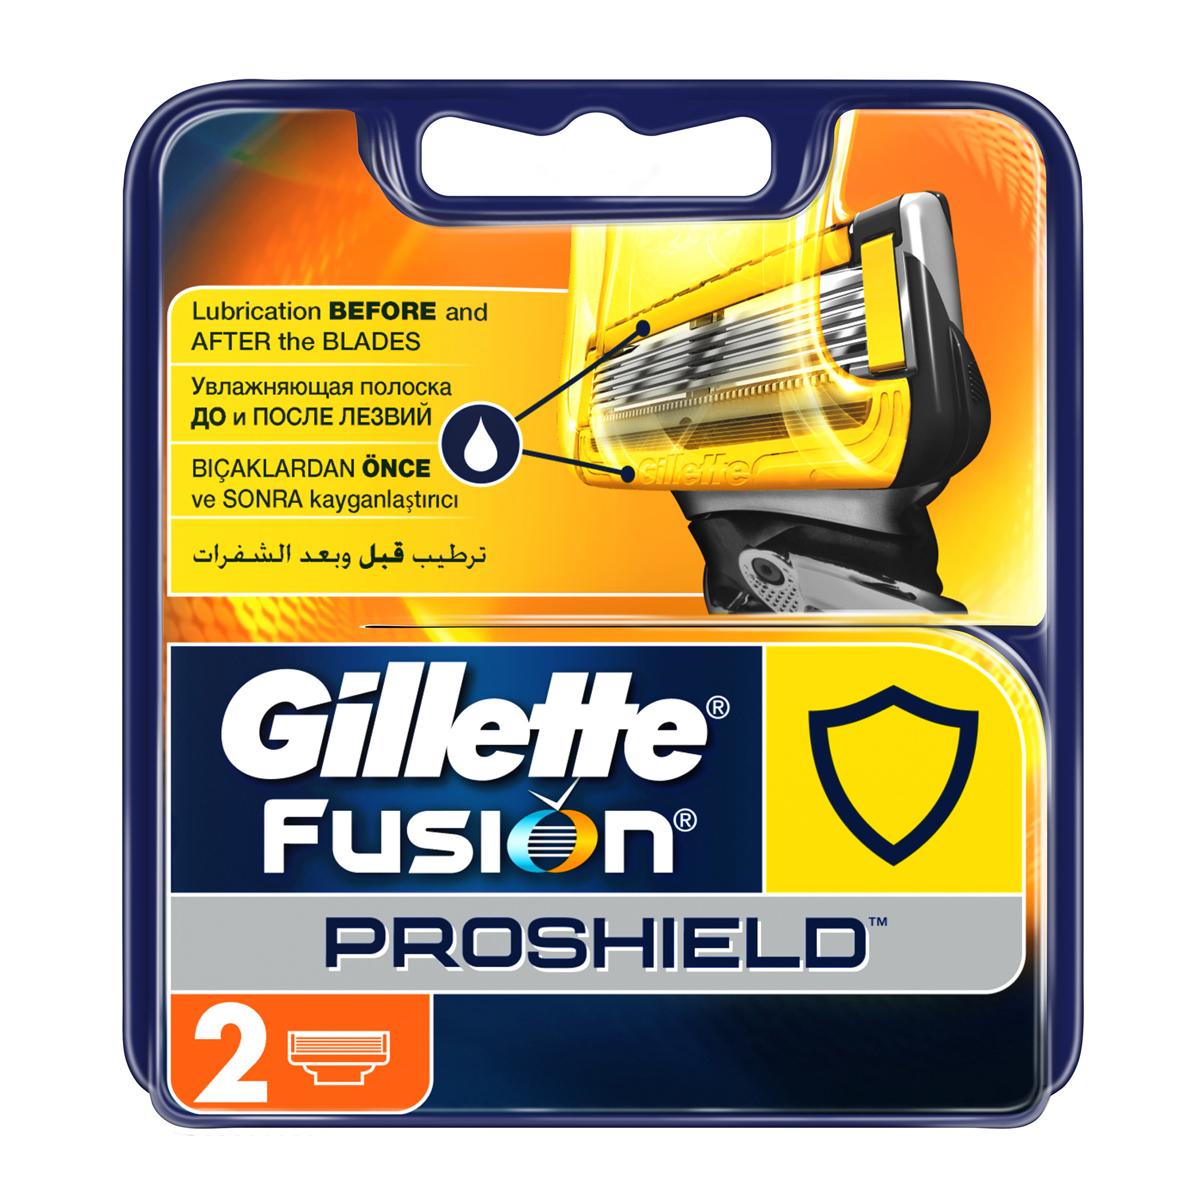 Gillette Сменные кассеты для мужской бритвы Fusion ProShield, 2 шт00553Лезвия для мужской бритвы Gillette Fusion ProShield защищают во время бритья.Смазывающая полоска ProShield до и после бритья создает защитный слой, который снижает раздражение. Gillette Fusion ProShield— наиболее усовершенствованная бритва Gillette. Ищите желтые лезвия и ручку.Смазывающая полоска Gillette Fusion ProShield до и после бритья защищает от раздраженияПять точных лезвий сбривают волосы без усилий и с меньшим трением*, гарантируя максимальный комфорт (*в сравнении с Fusion)Точное лезвие-триммер на обратной стороне кассеты для придания более четкого контура2 сменные кассетыЛезвия подходят для всех ручек Fusion и ProGlide